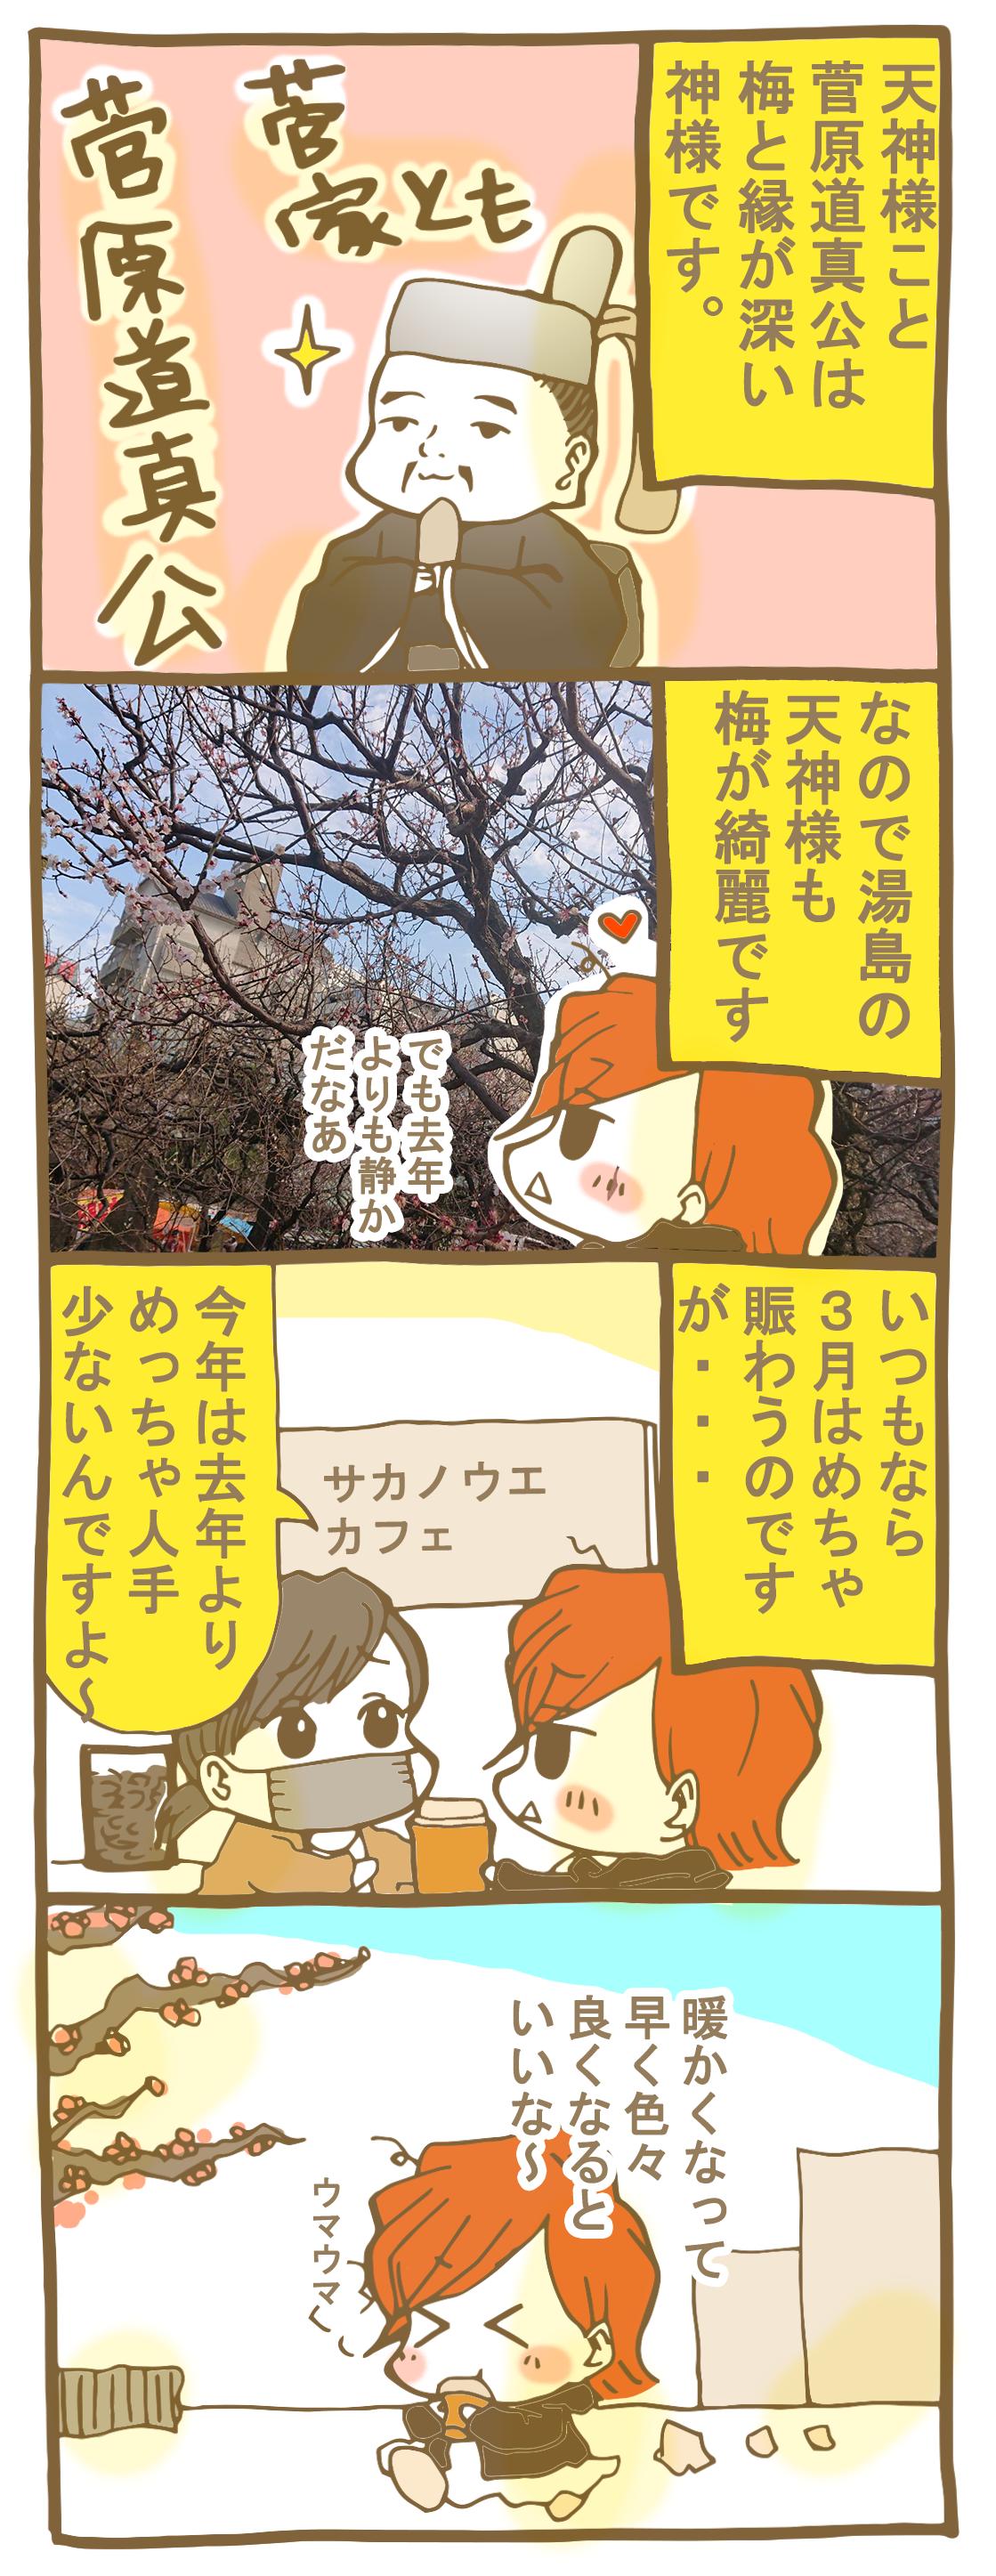 湯島天神梅まつり2020